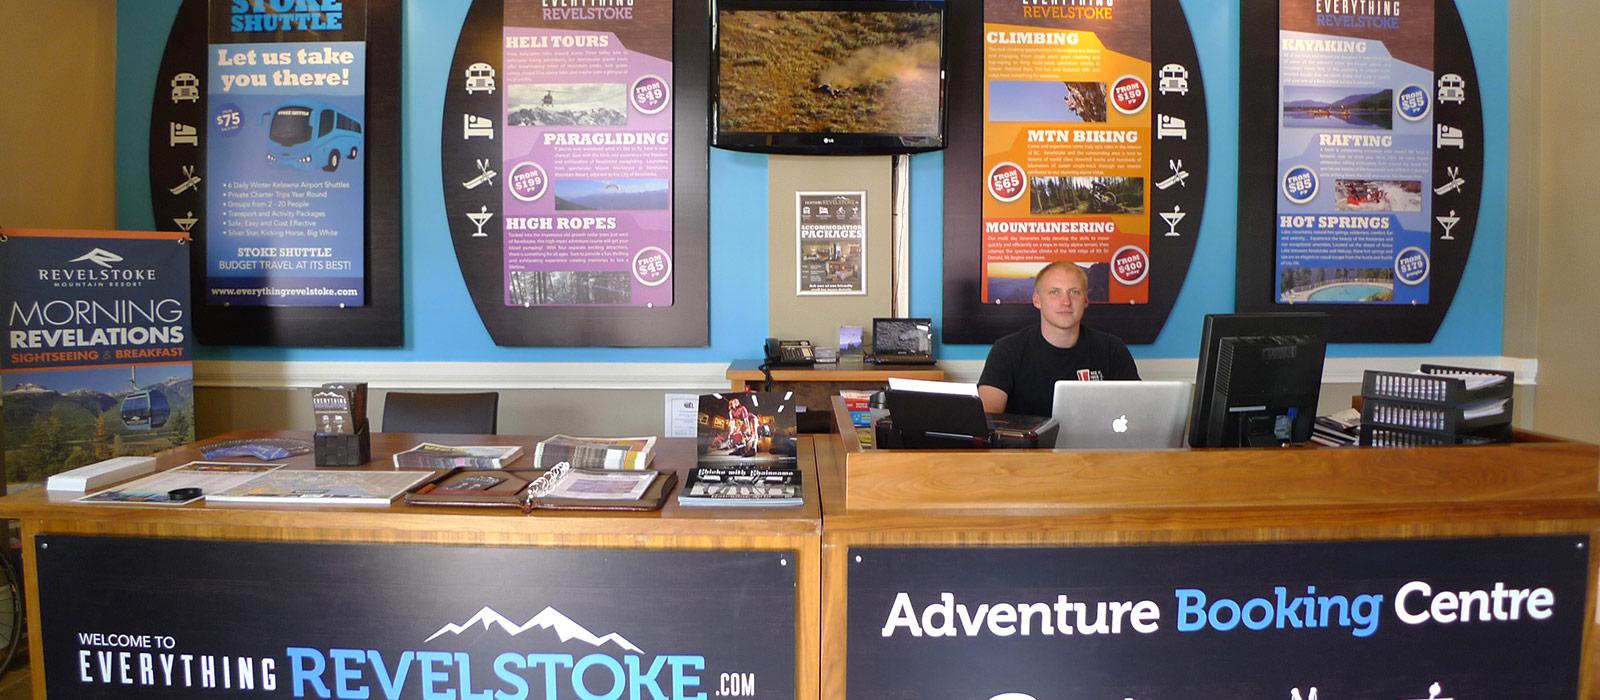 Adventure Activities in Revelstoke